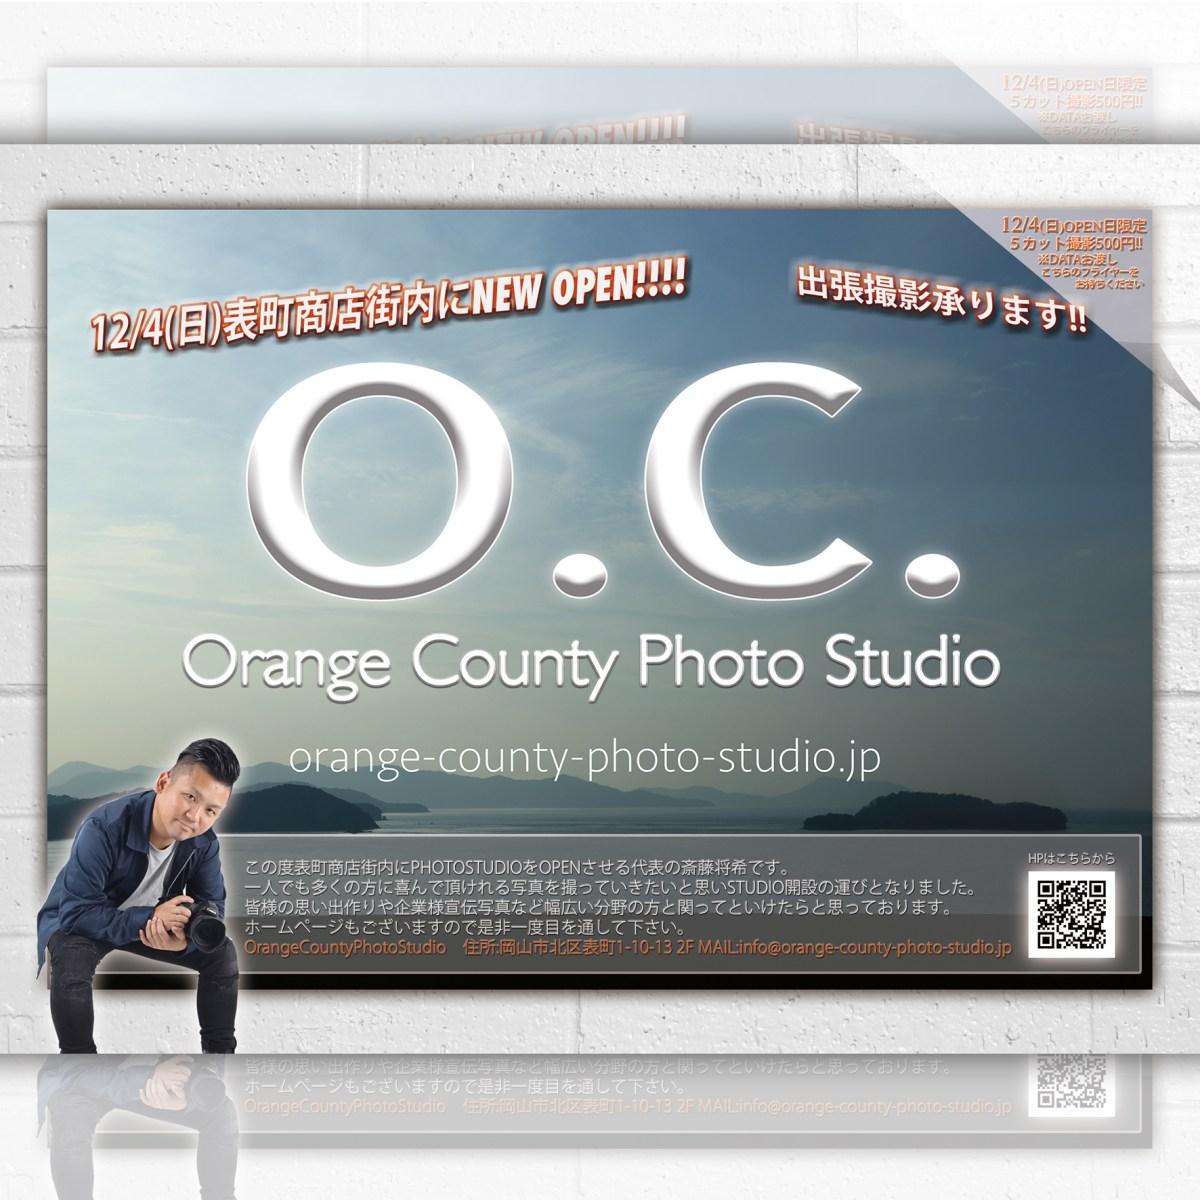 12/4(日)O.C.Photo.Studio正式OPEN!!!!